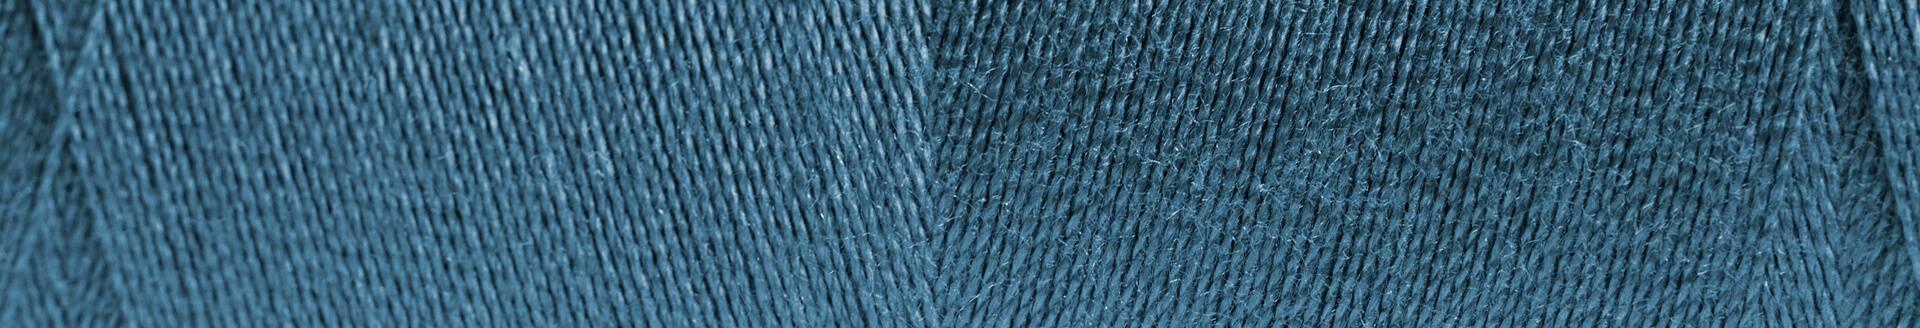 Venta online de conos de hilos metálicos para bordar METY de GUNOLD